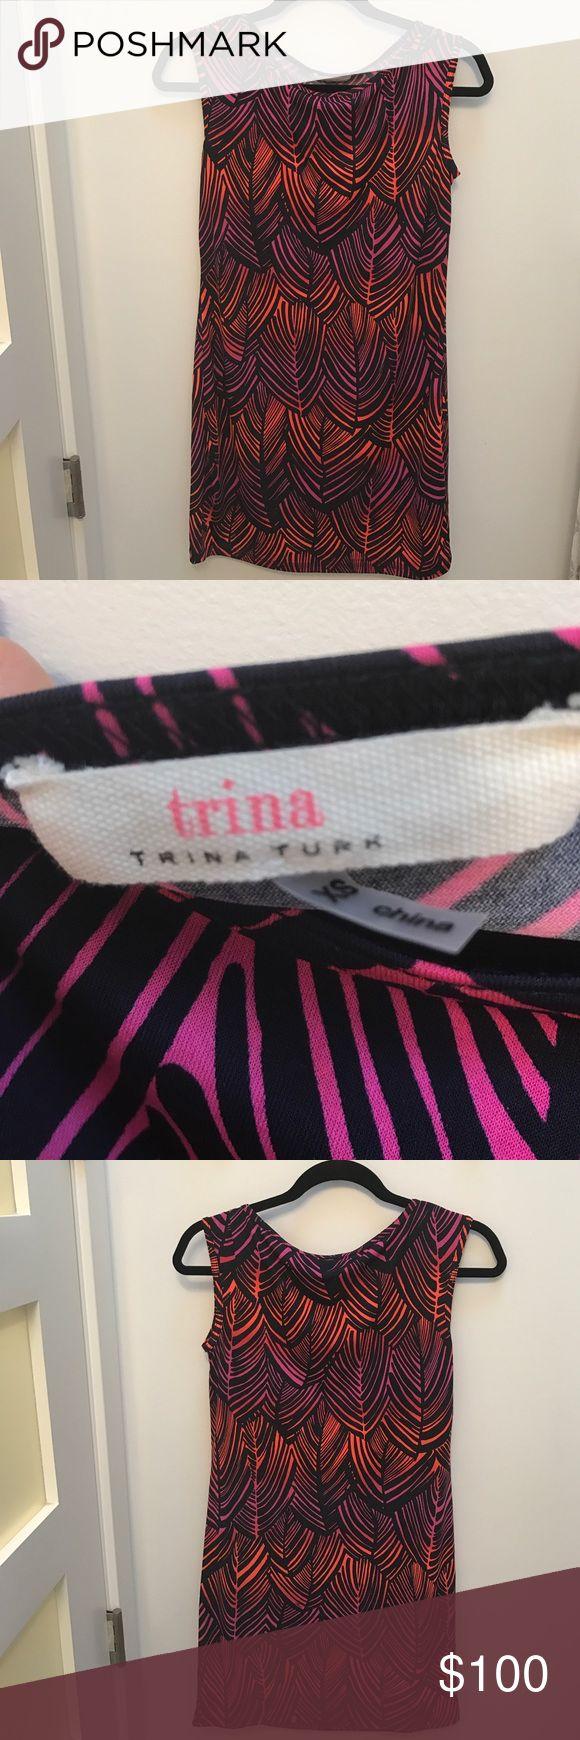 Trina Turk dress Colorful Trina Turk dress Trina Turk Dresses